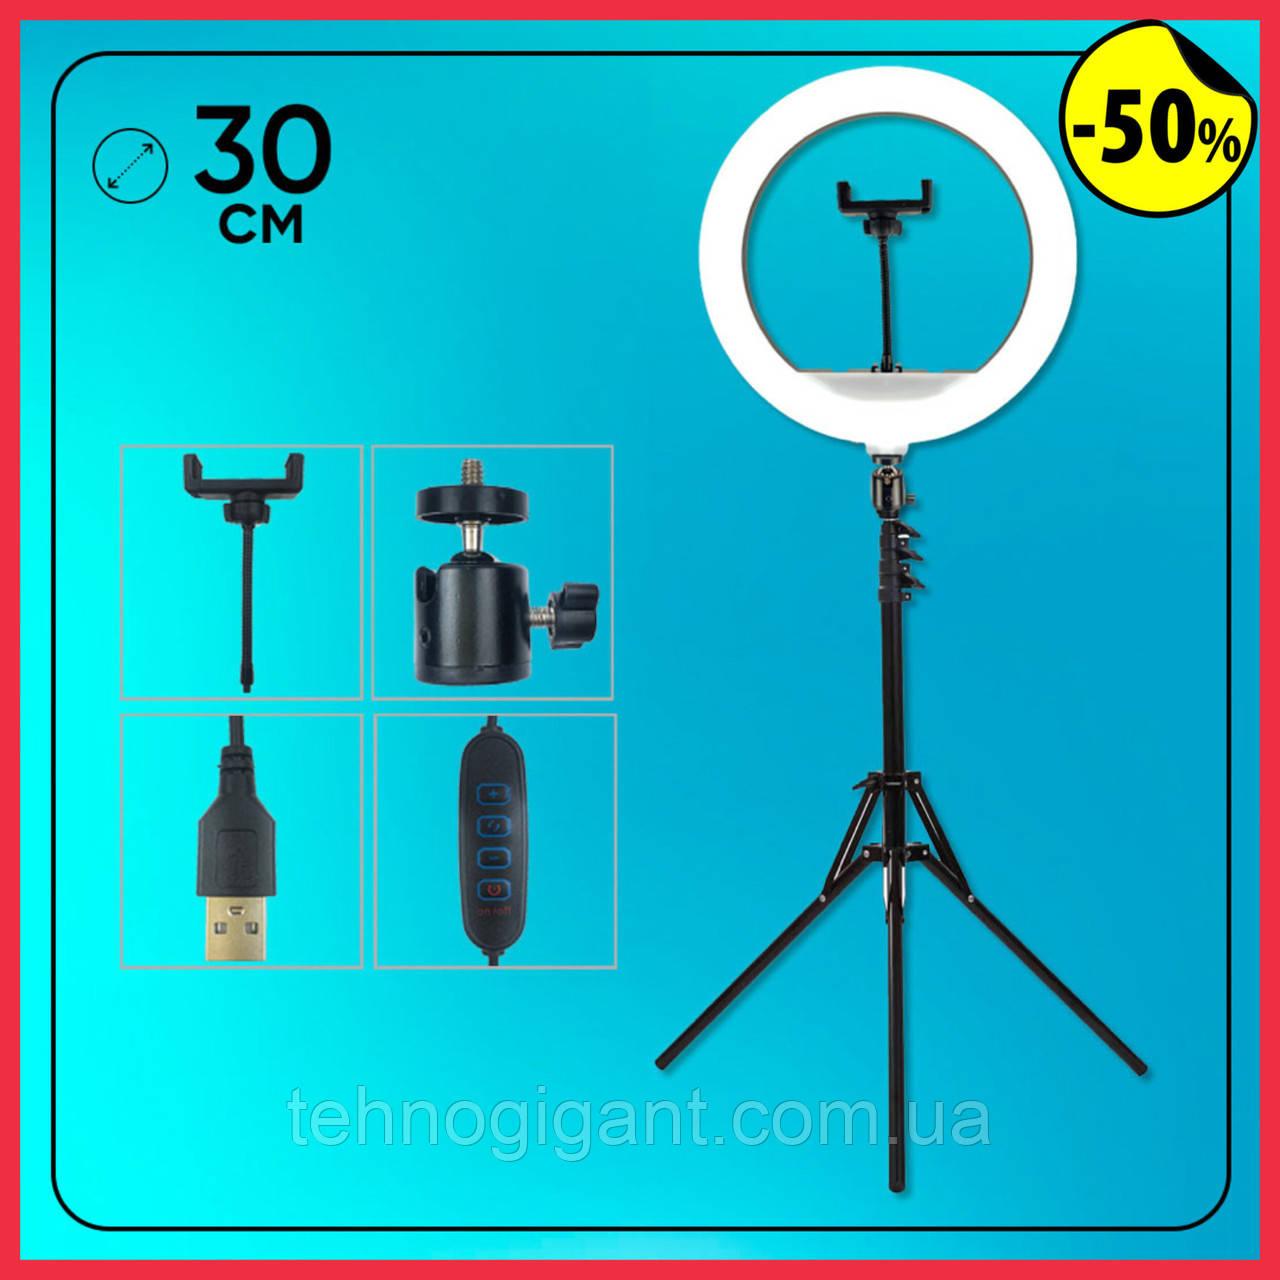 Кругла лампа світлодіодна кільцева лампа, лампа для селфи RL 12/QX300 (діаметр 30 см)